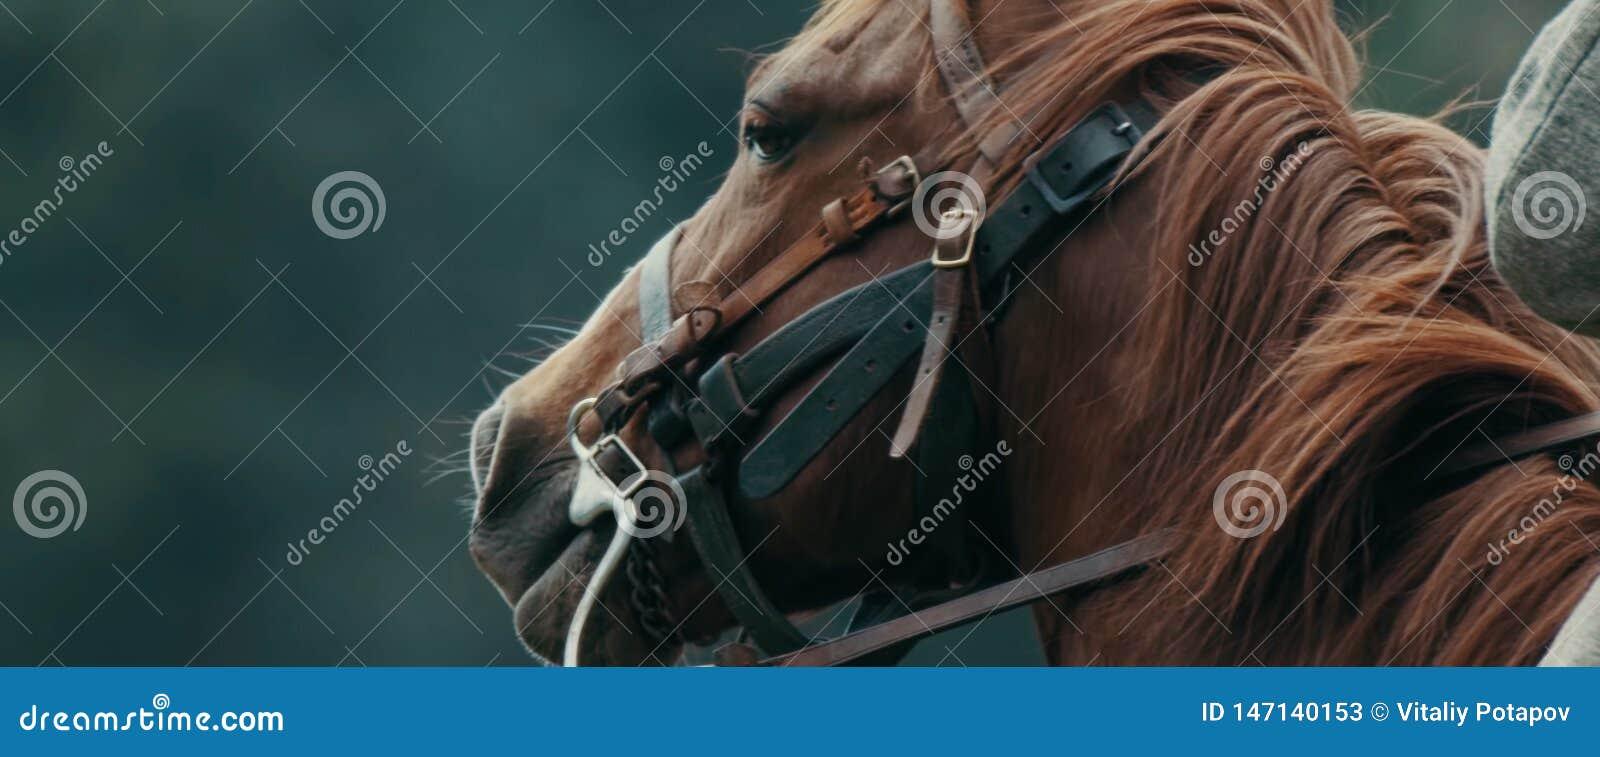 Ritratto della testa di cavallo su sfondo naturale